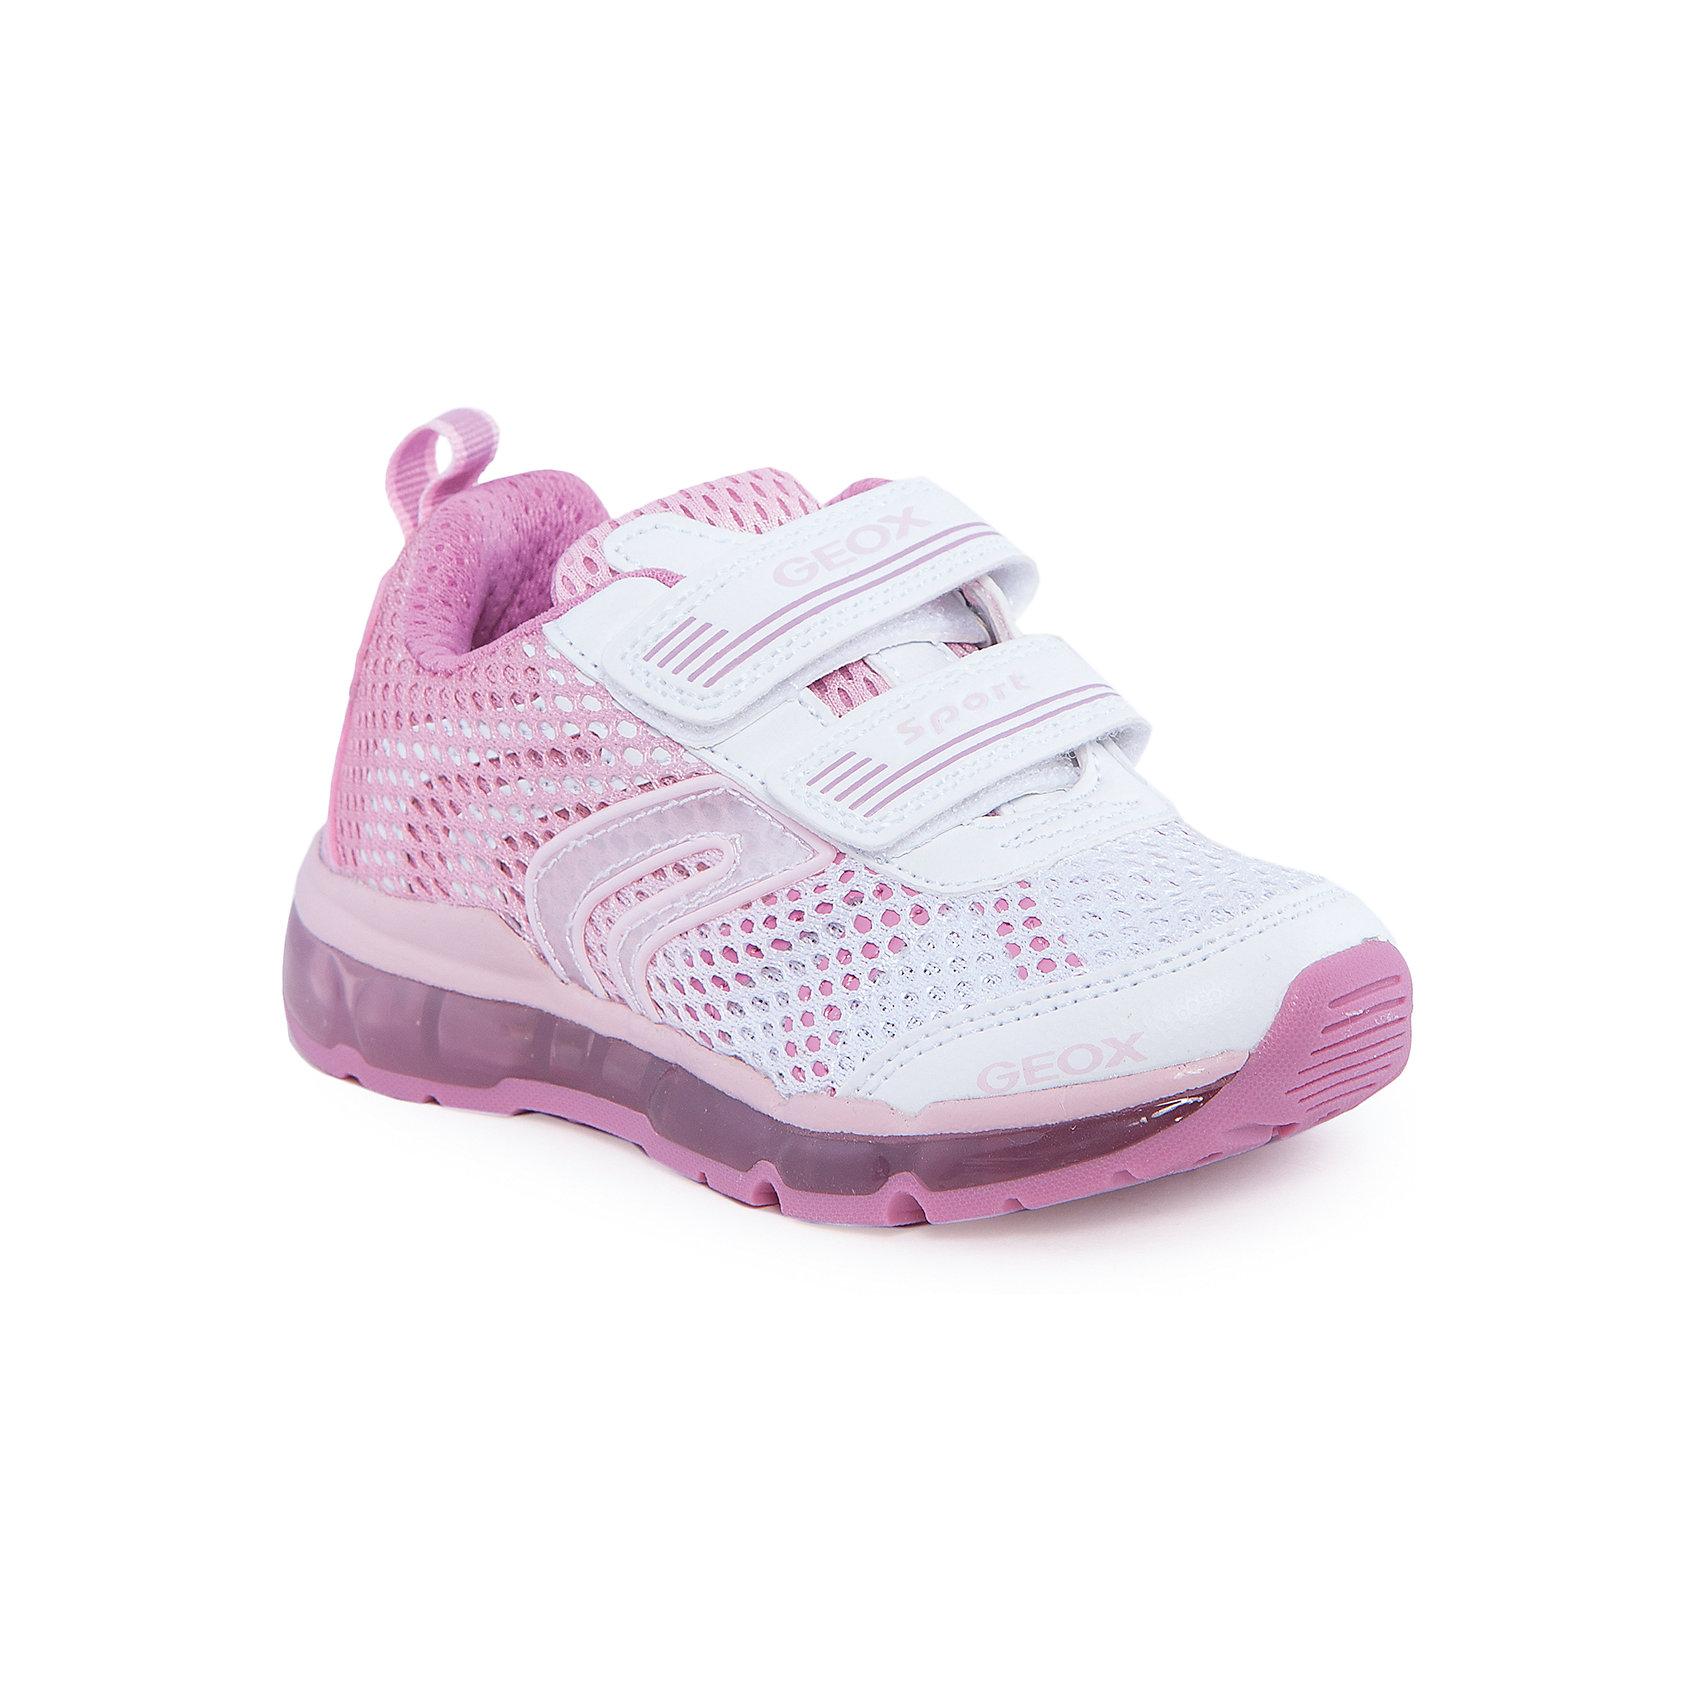 Кроссовки для девочки GEOXКроссовки для девочки от популярной марки GEOX (Геокс).<br><br>Яркие дышащие кроссовки разнообразят гардероб ребенка в новом сезоне! Эта модель создана специально для девочек, она очень стильно и оригинально смотрится.<br>Производитель обуви заботится не только о внешнем виде, но и стабильно высоком качестве продукции. GEOX (Геокс) разработал специальную высокотехнологичную стельку. Вся обувь делается только из качественных и надежных материалов.<br><br>Отличительные особенности модели:<br><br>- цвет: белый, розовый;<br>- декорирована сеткой;<br>- прочная устойчивая подошва;<br>- мягкий и легкий верх;<br>- защита пальцев и пятки;<br>- стильный дизайн;<br>- анатомическая стелька;<br>- удобные застежки - липучки;<br>- комфортное облегание;<br>- подкладка - натуральная кожа;<br>- дышащие материалы (технология Geox Respira).<br><br>Дополнительная информация:<br><br>- Сезон: весна/лето.<br><br>- Состав:<br><br>материал верха: искусственная кожа, текстиль;<br>подкладка: натуральная кожа, текстиль;<br>стелька: натуральная кожа;<br>подошва: полимер.<br><br>Кроссовки для девочки GEOX (Геокс) можно купить в нашем магазине.<br><br>Ширина мм: 250<br>Глубина мм: 150<br>Высота мм: 150<br>Вес г: 250<br>Цвет: белый<br>Возраст от месяцев: 84<br>Возраст до месяцев: 96<br>Пол: Женский<br>Возраст: Детский<br>Размер: 31,26,30,32,33,29,28,27,34<br>SKU: 4519584